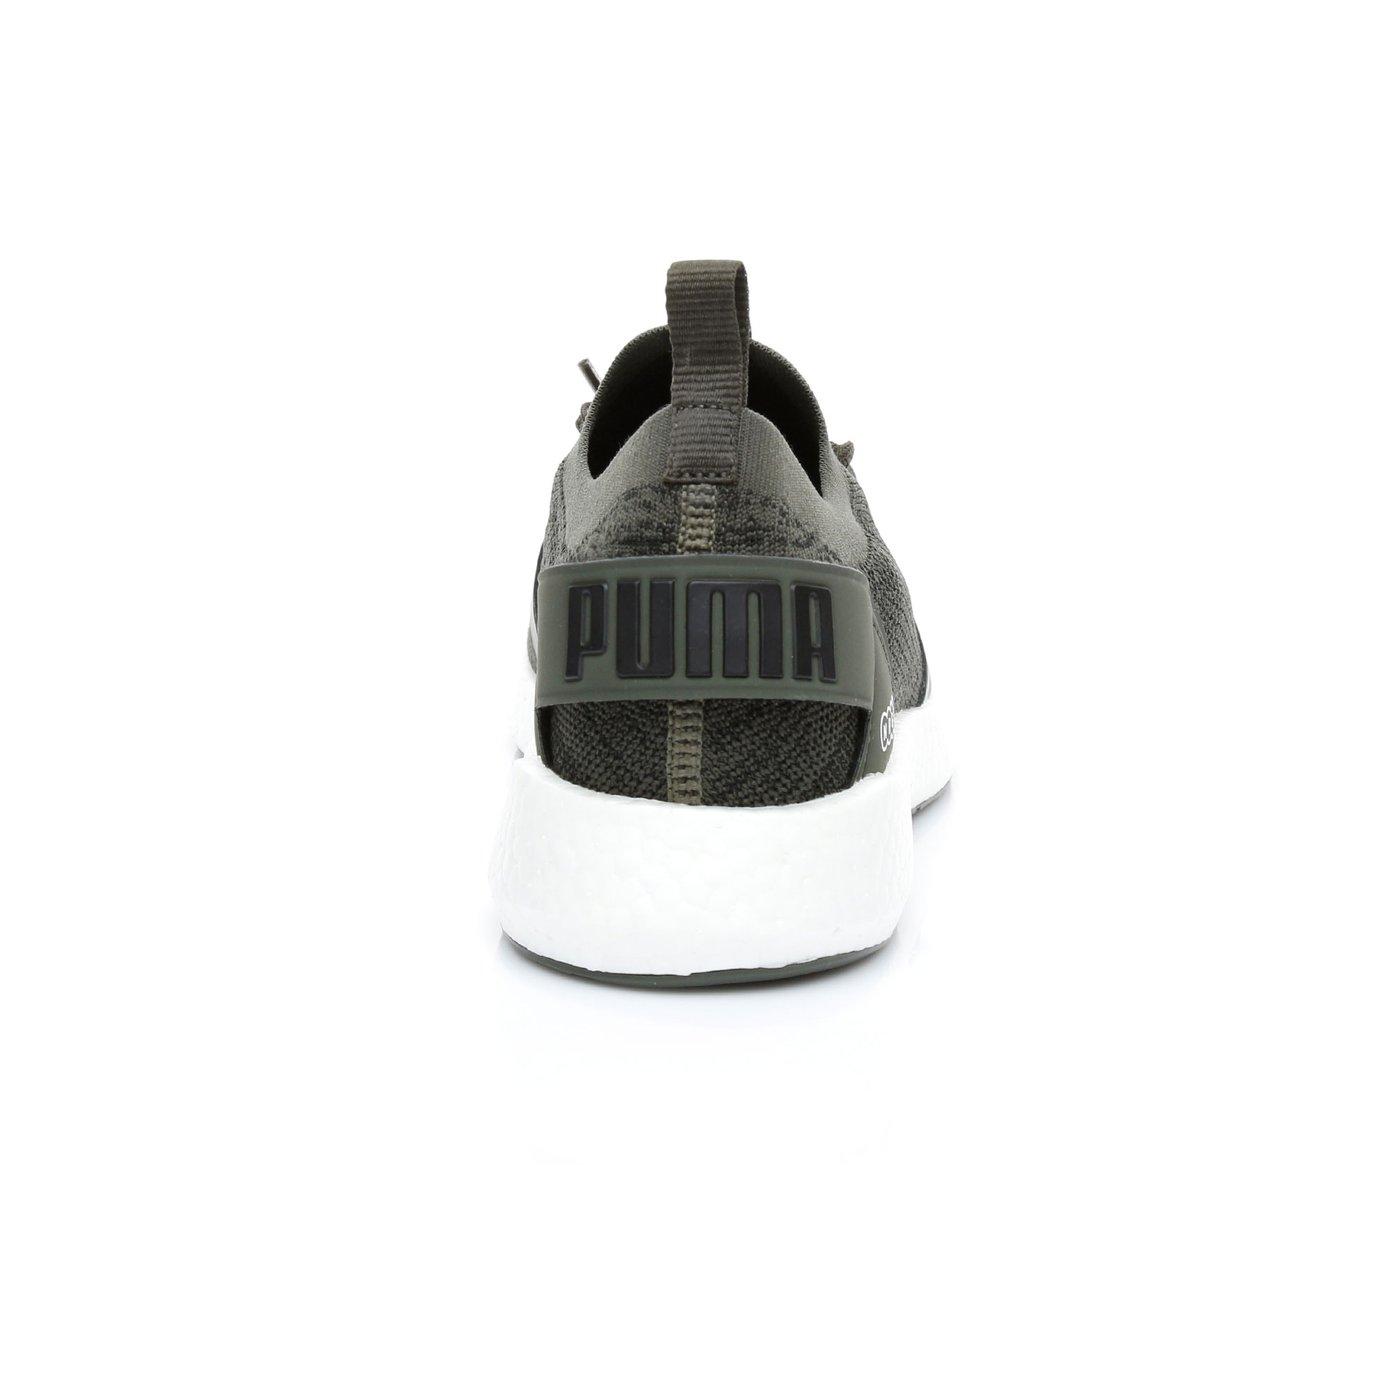 Puma NRGY Neko Engineer Knit Erkek Füme Spor Ayakkabı